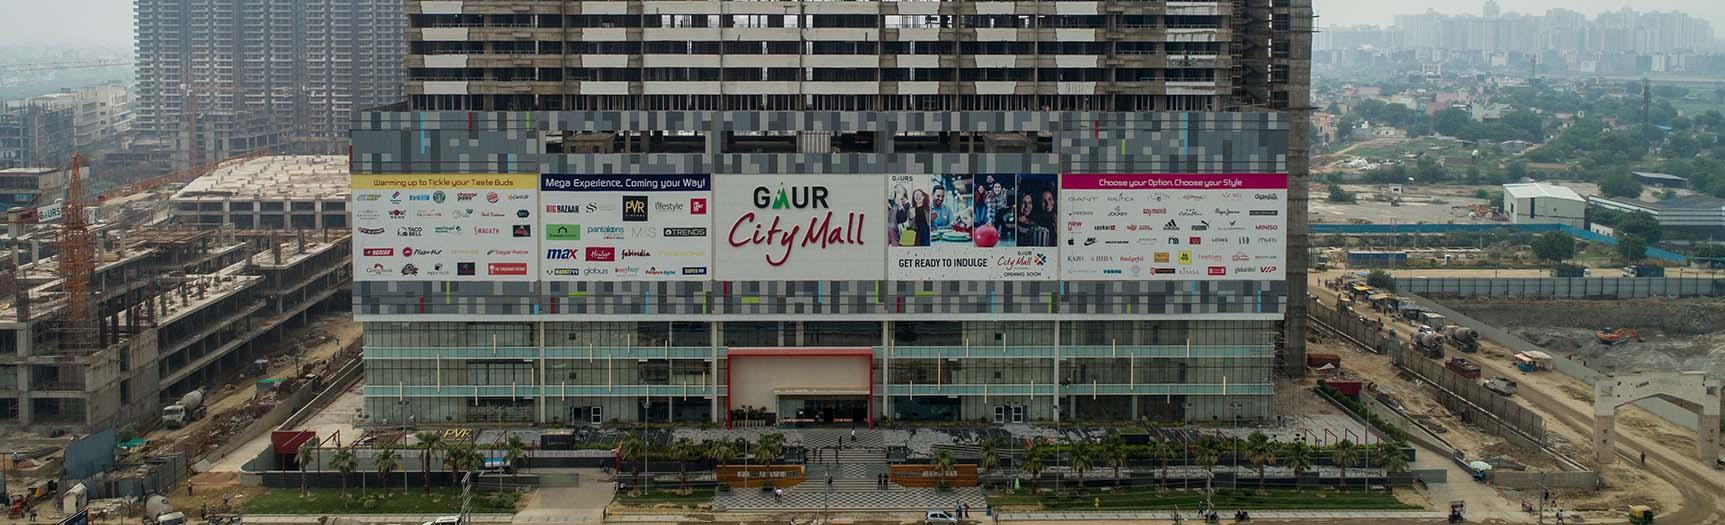 gaur city-mall